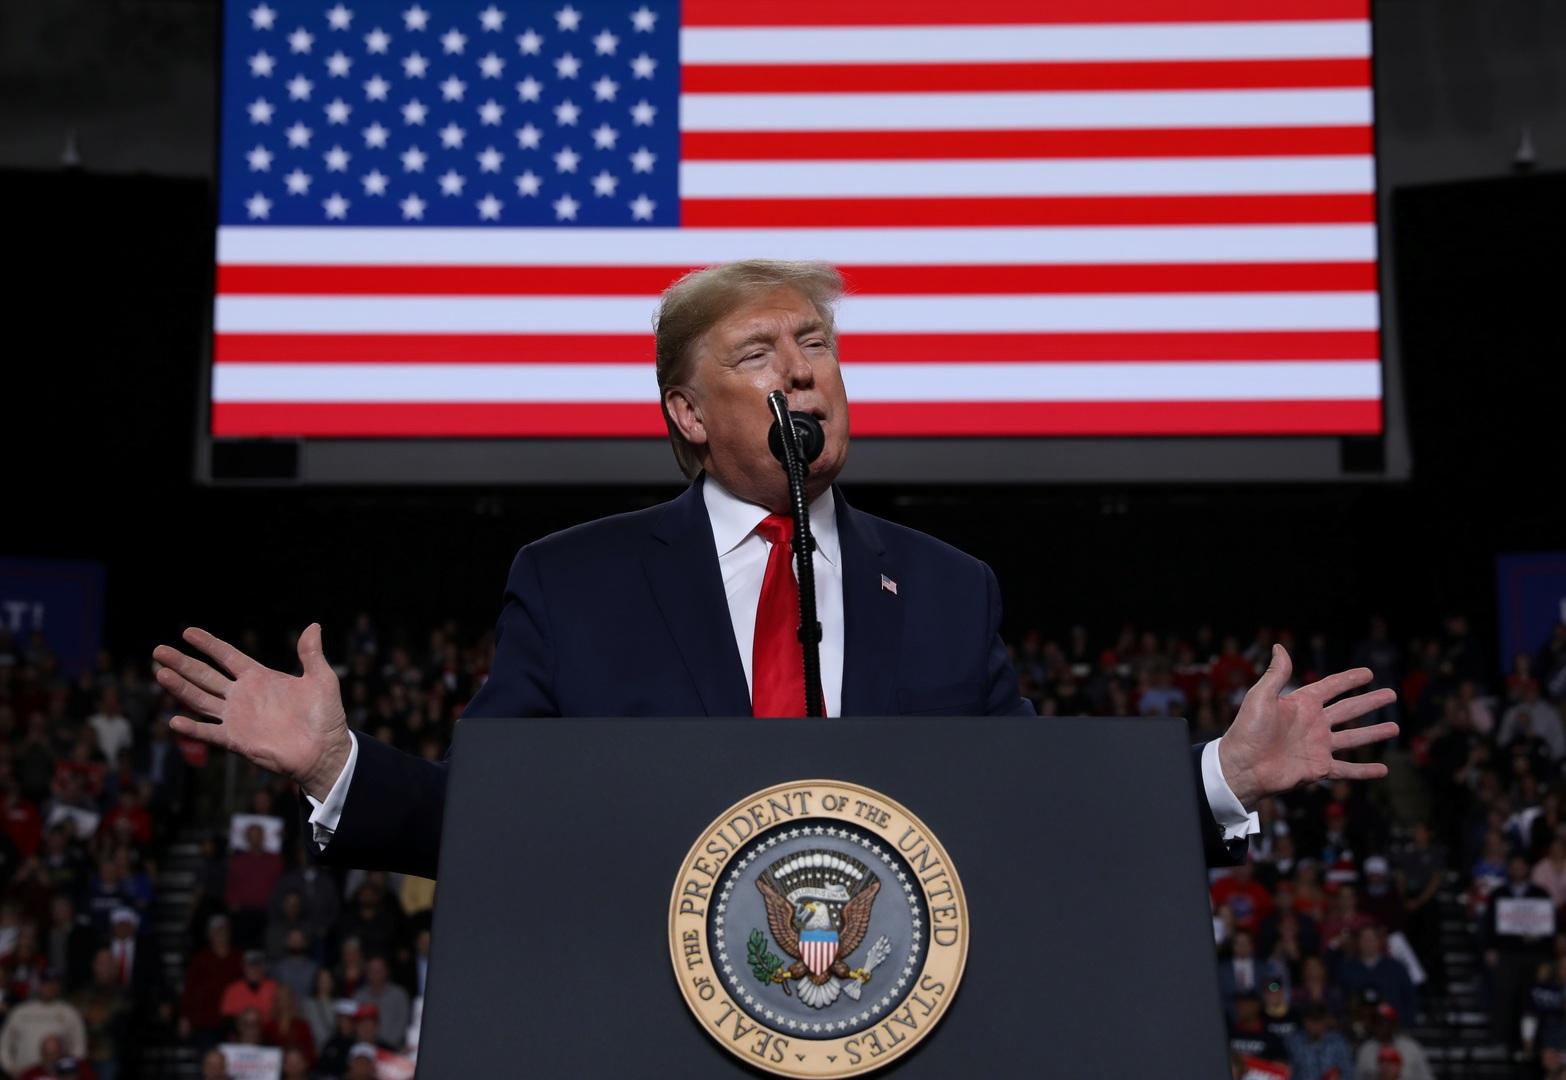 ترامب يعلن موعد توقيع اتفاق التجارة الأولي مع الصين